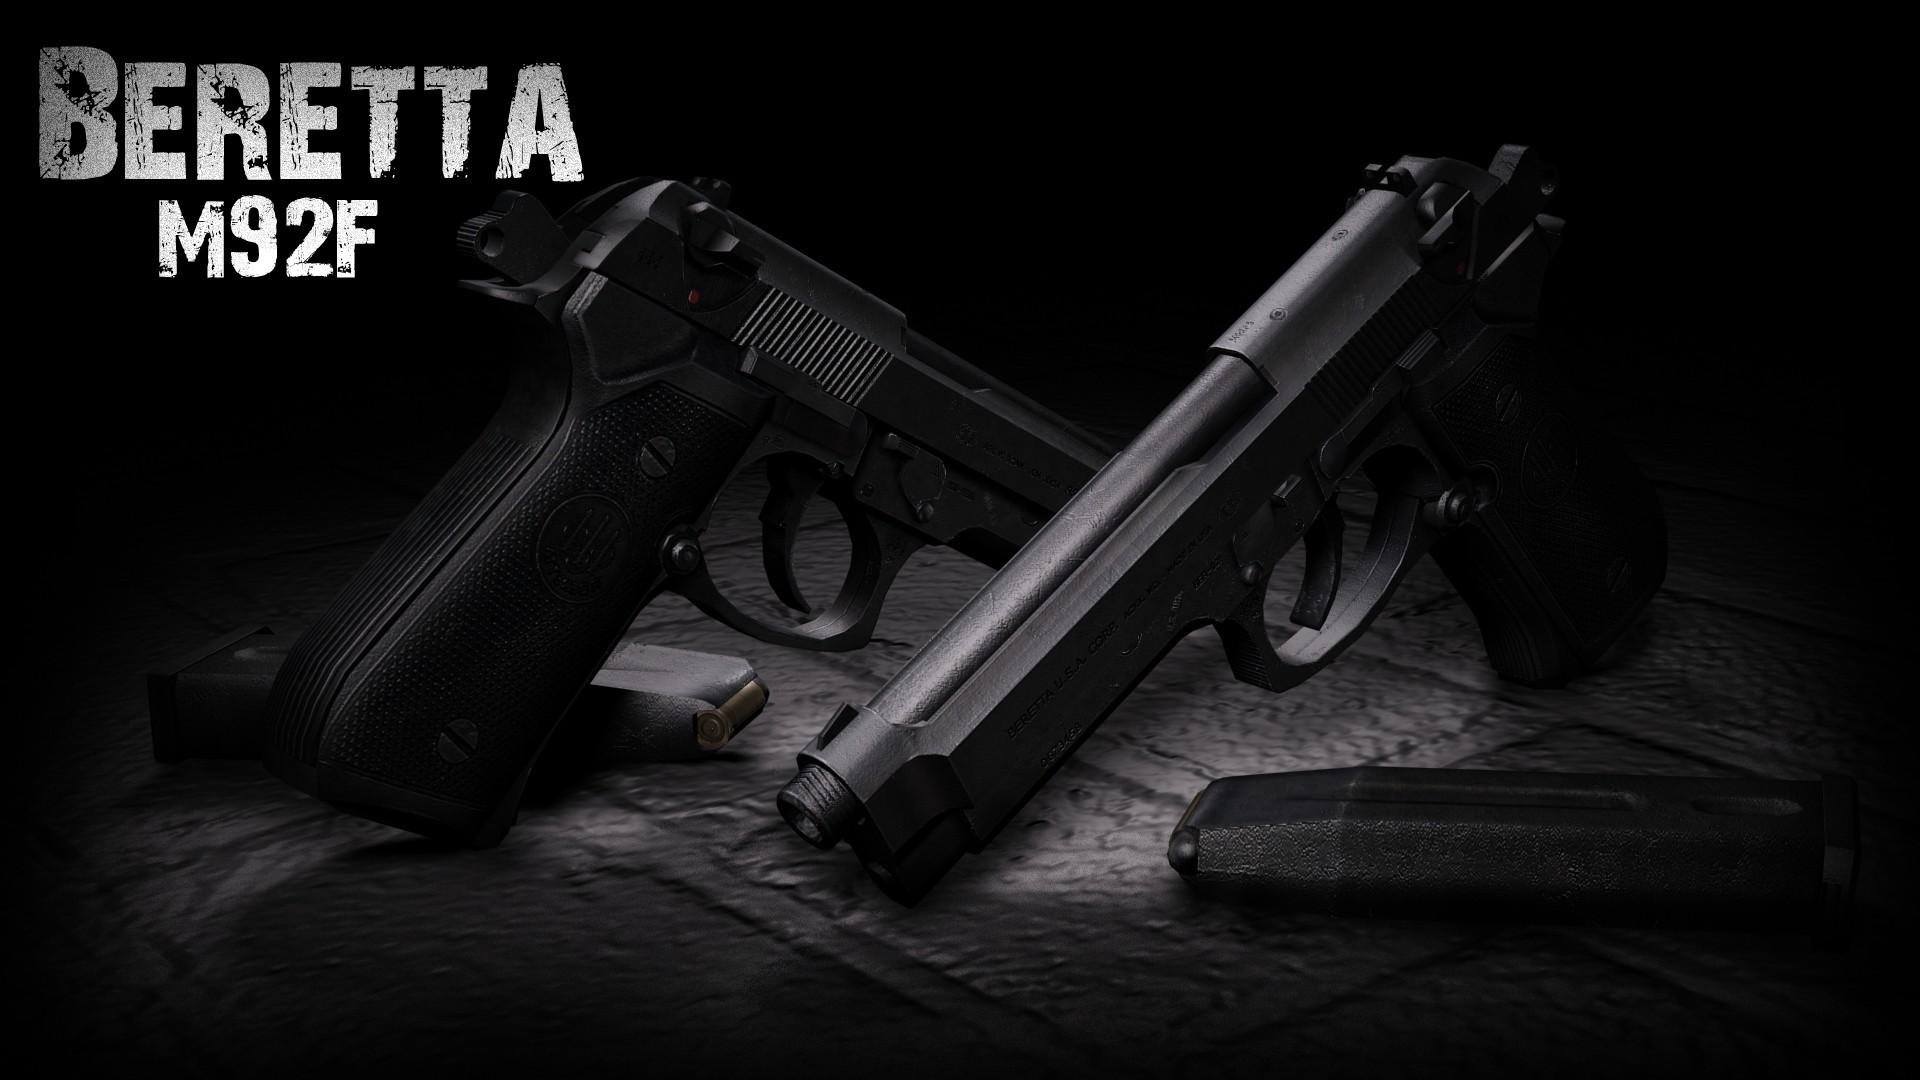 دانلود اسکین دو کلته Double Beretta M92F برای کانتر استریک 1.6